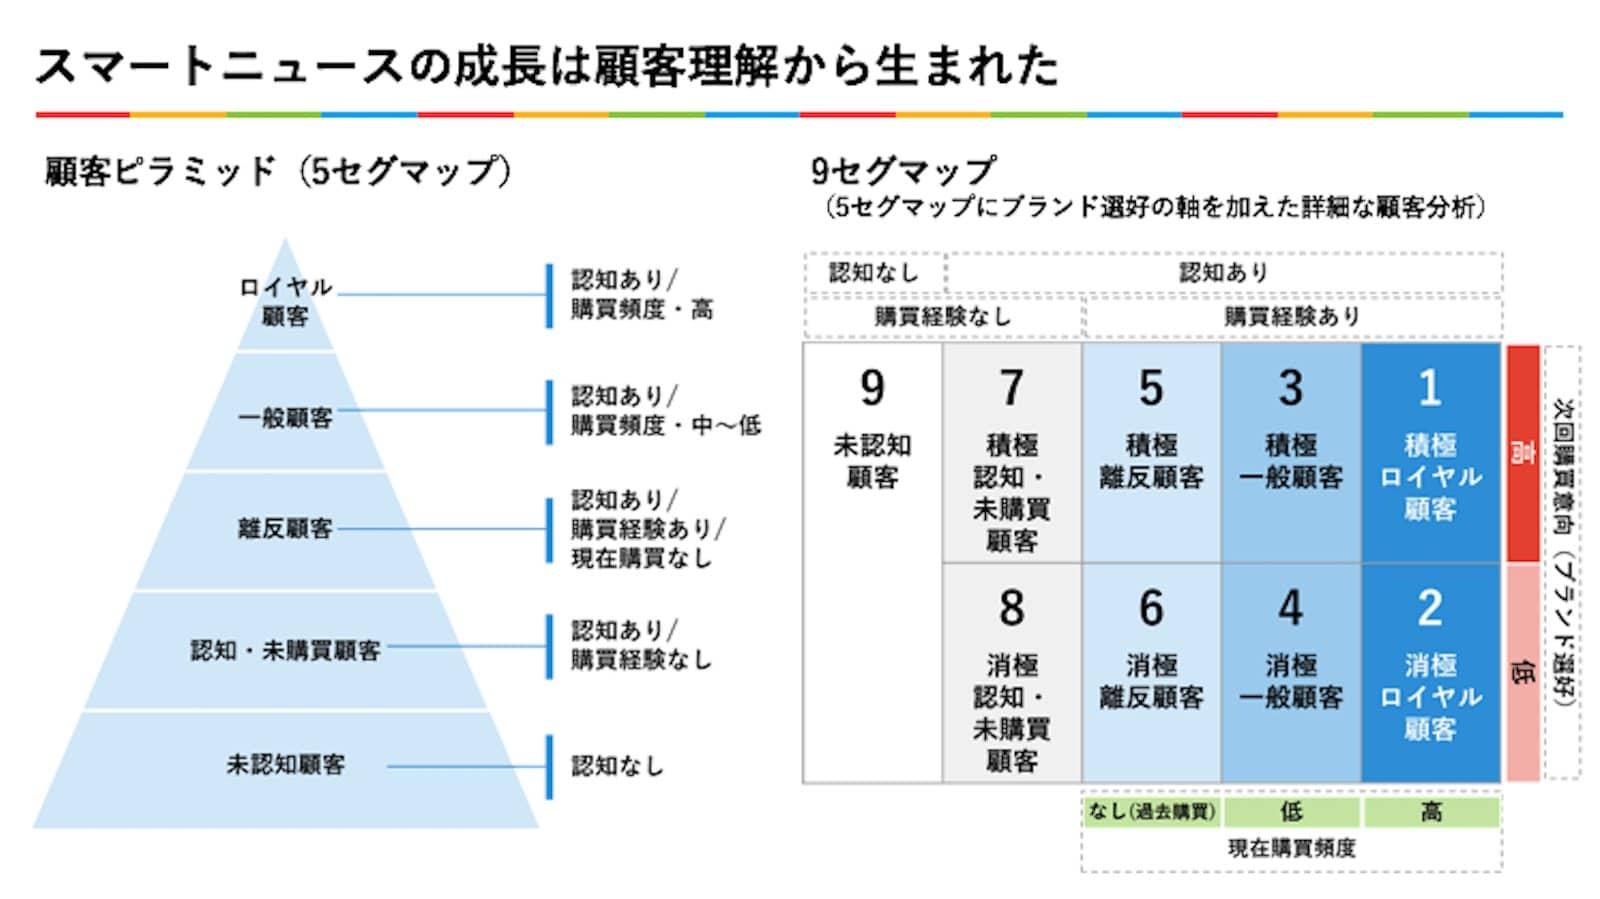 資料:スマートニュースの成長は顧客理解から生まれた